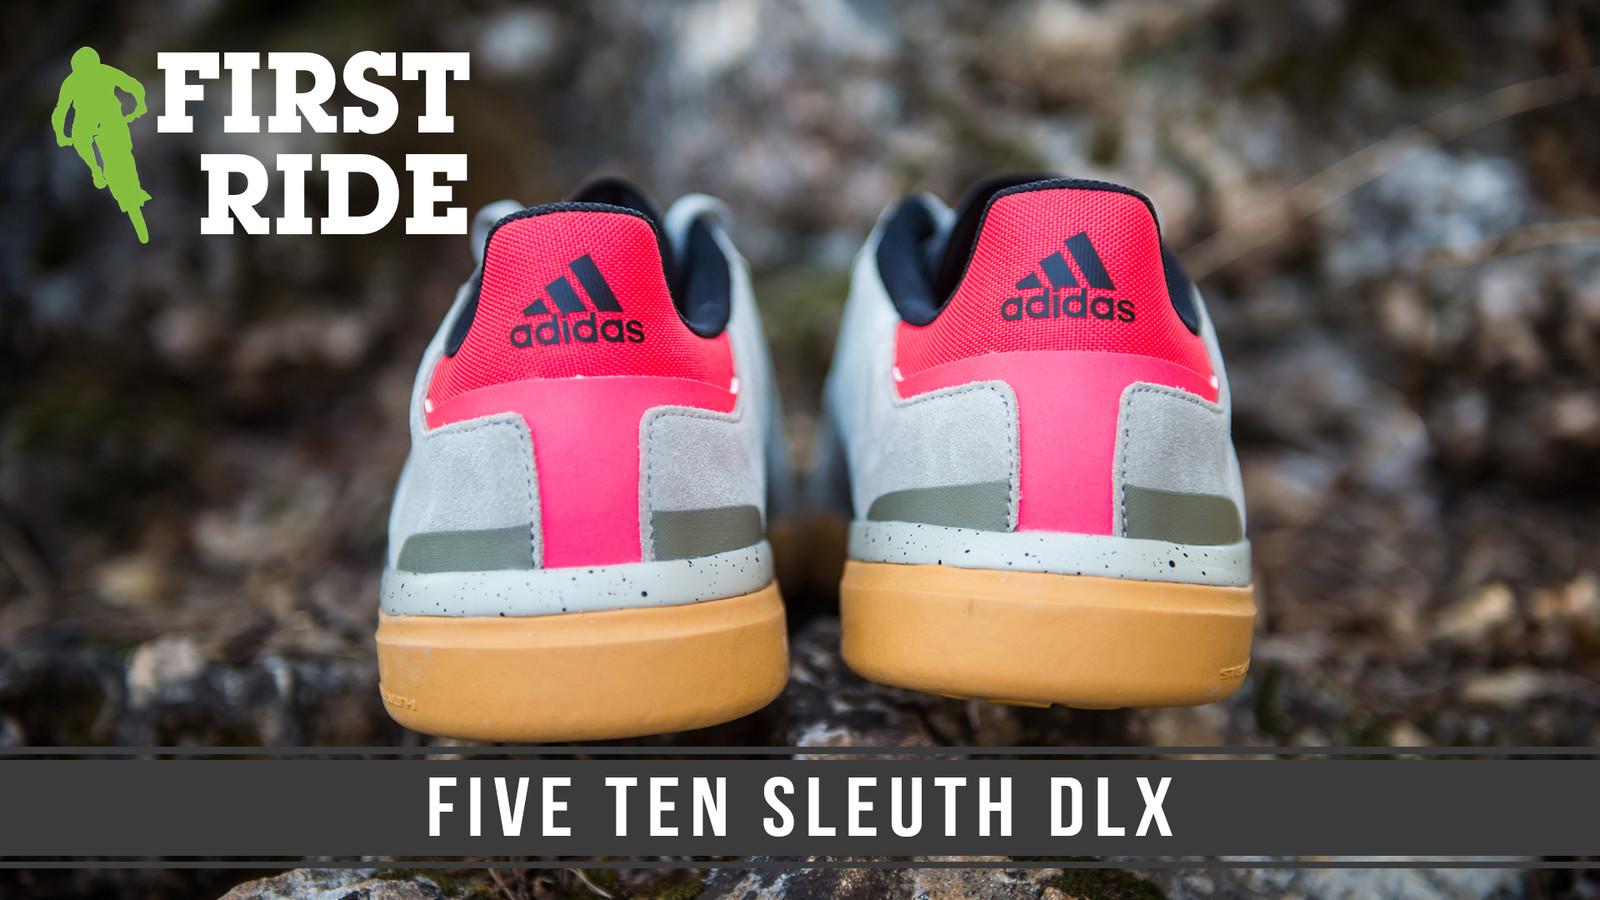 Five Ten Sleuth DLX Flat Pedal Shoe Reviews, Comparisons